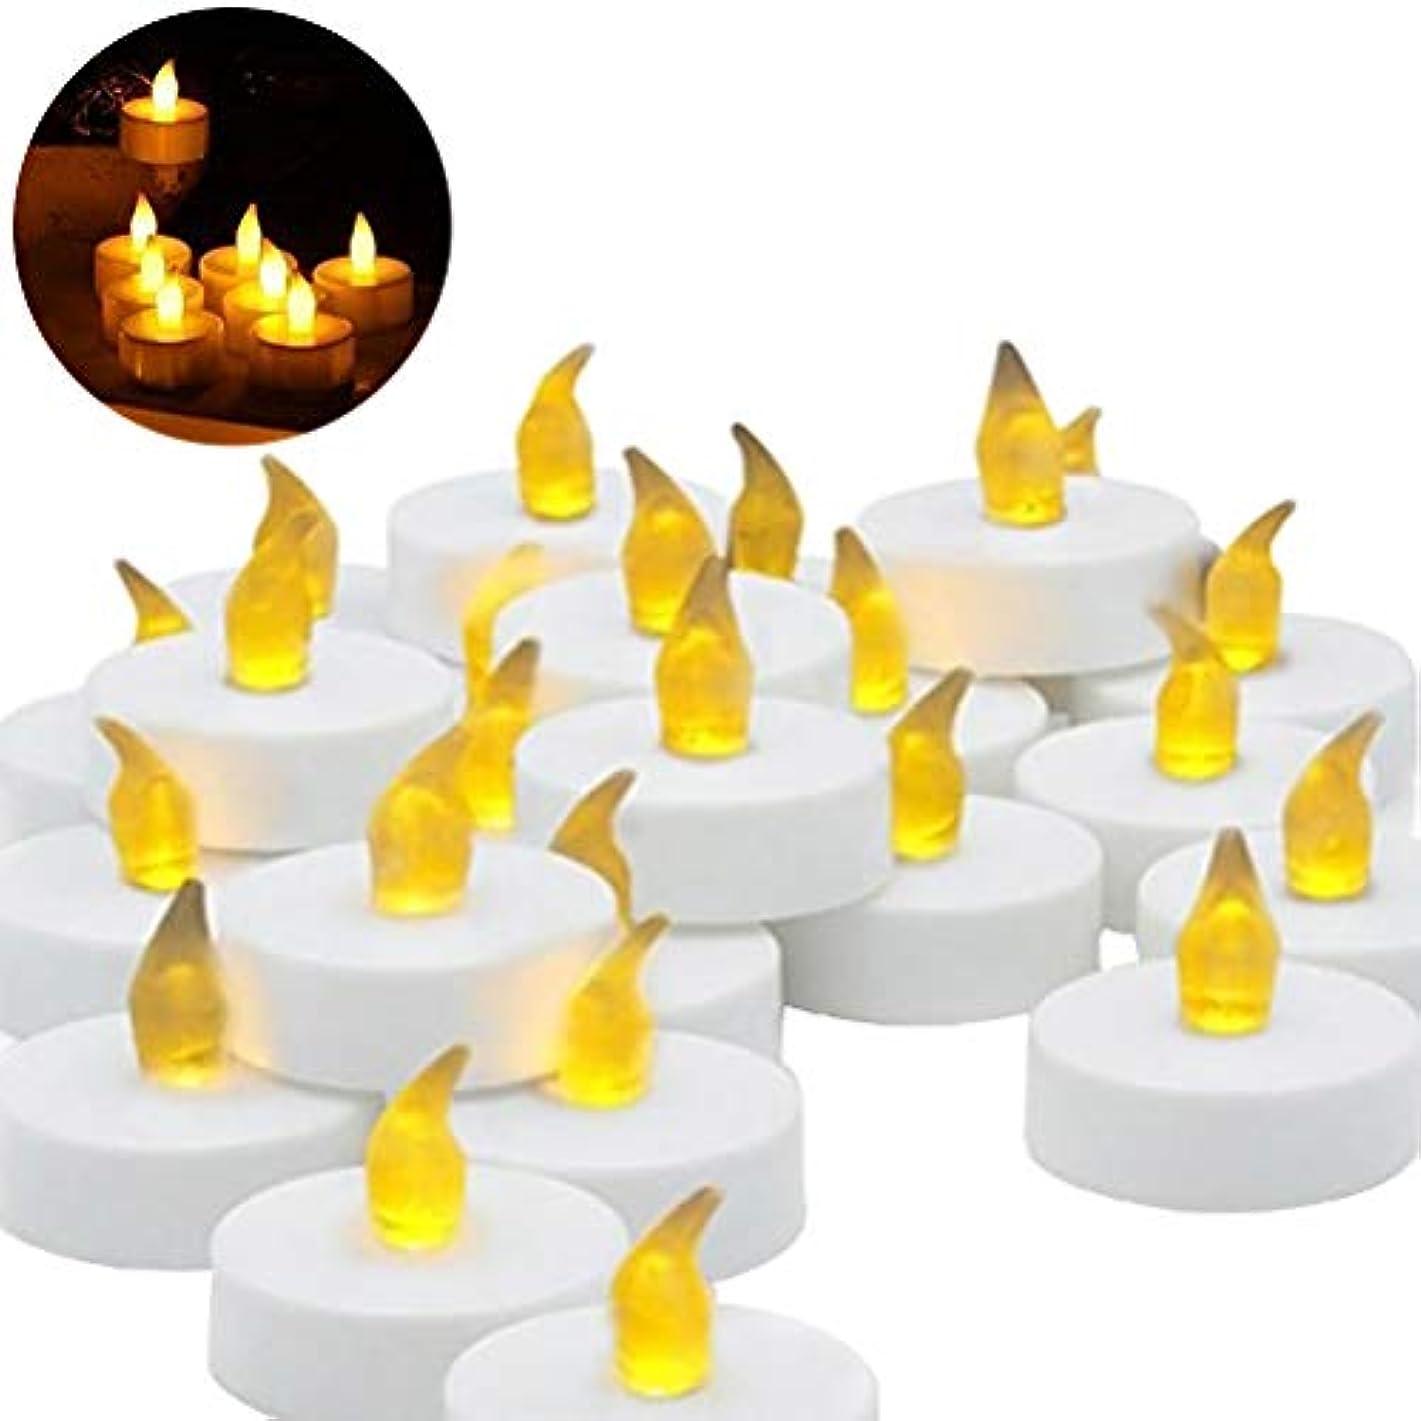 ホステス海峡ひもセイはさておきLEDMOMO キャンドル LED 誕生日キャンドル プラスチック 無炎 フェスティバル 祭り 祝賀(白)